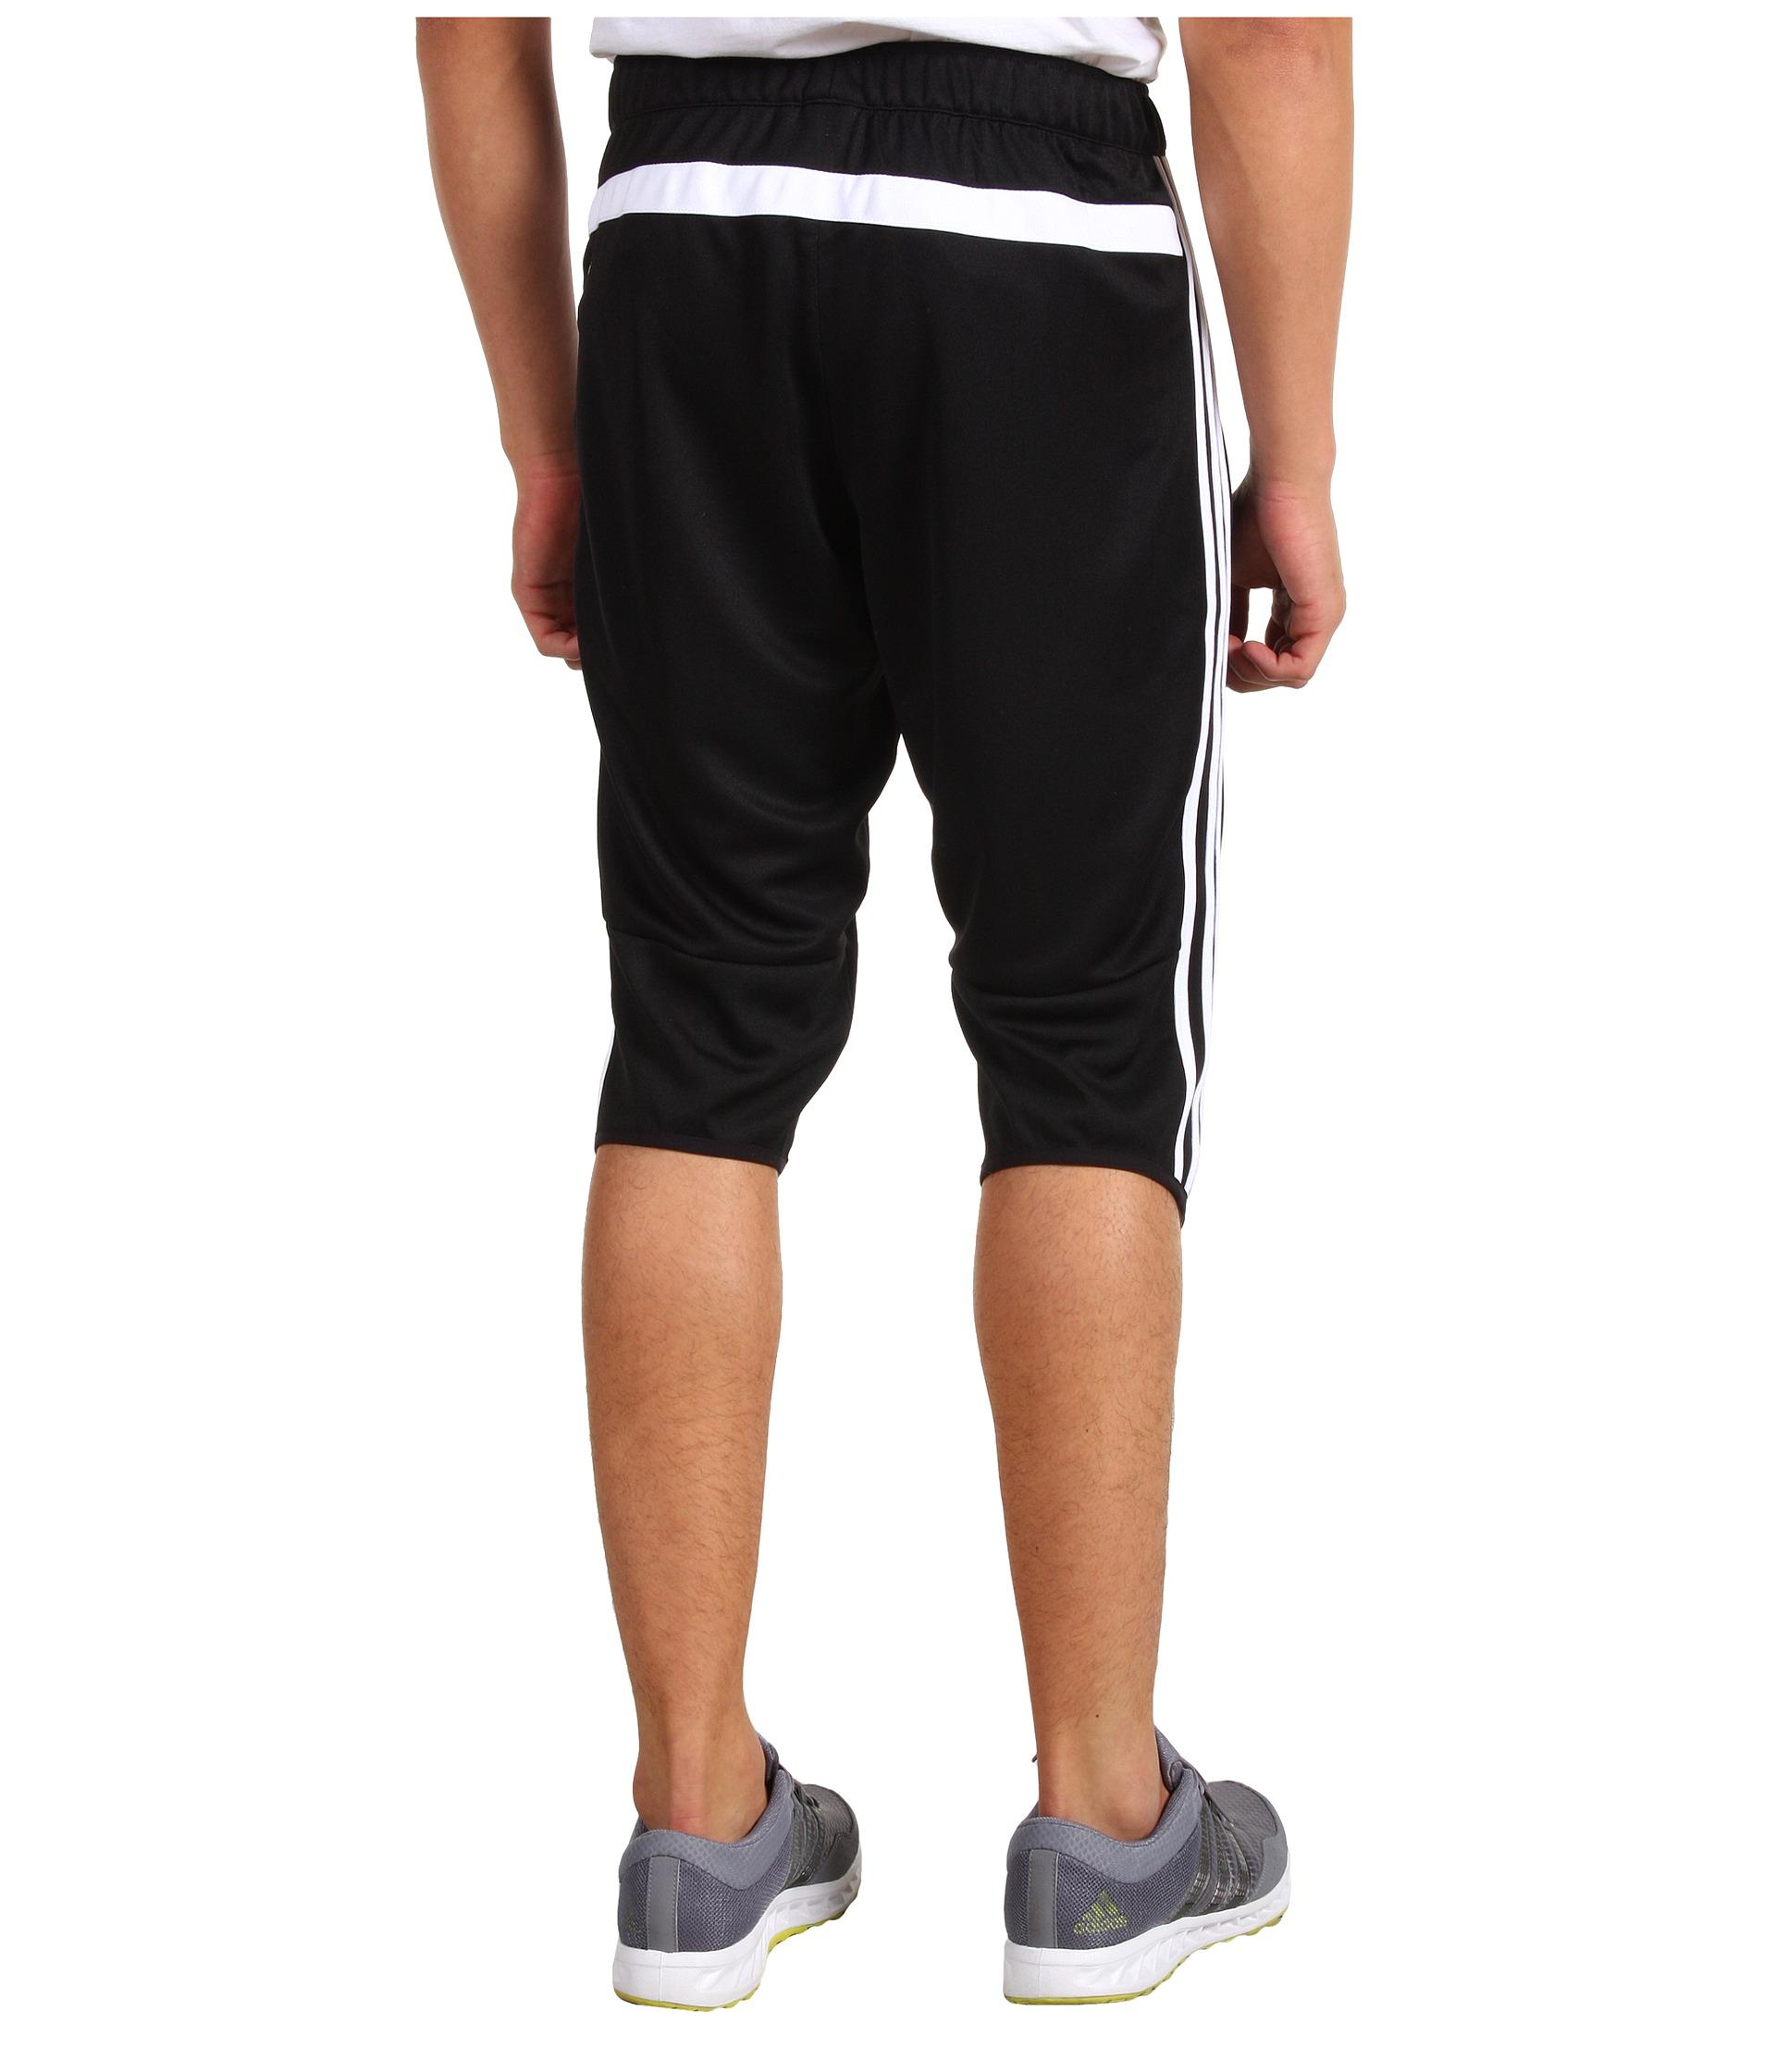 Adidas брюки мужские с доставкой